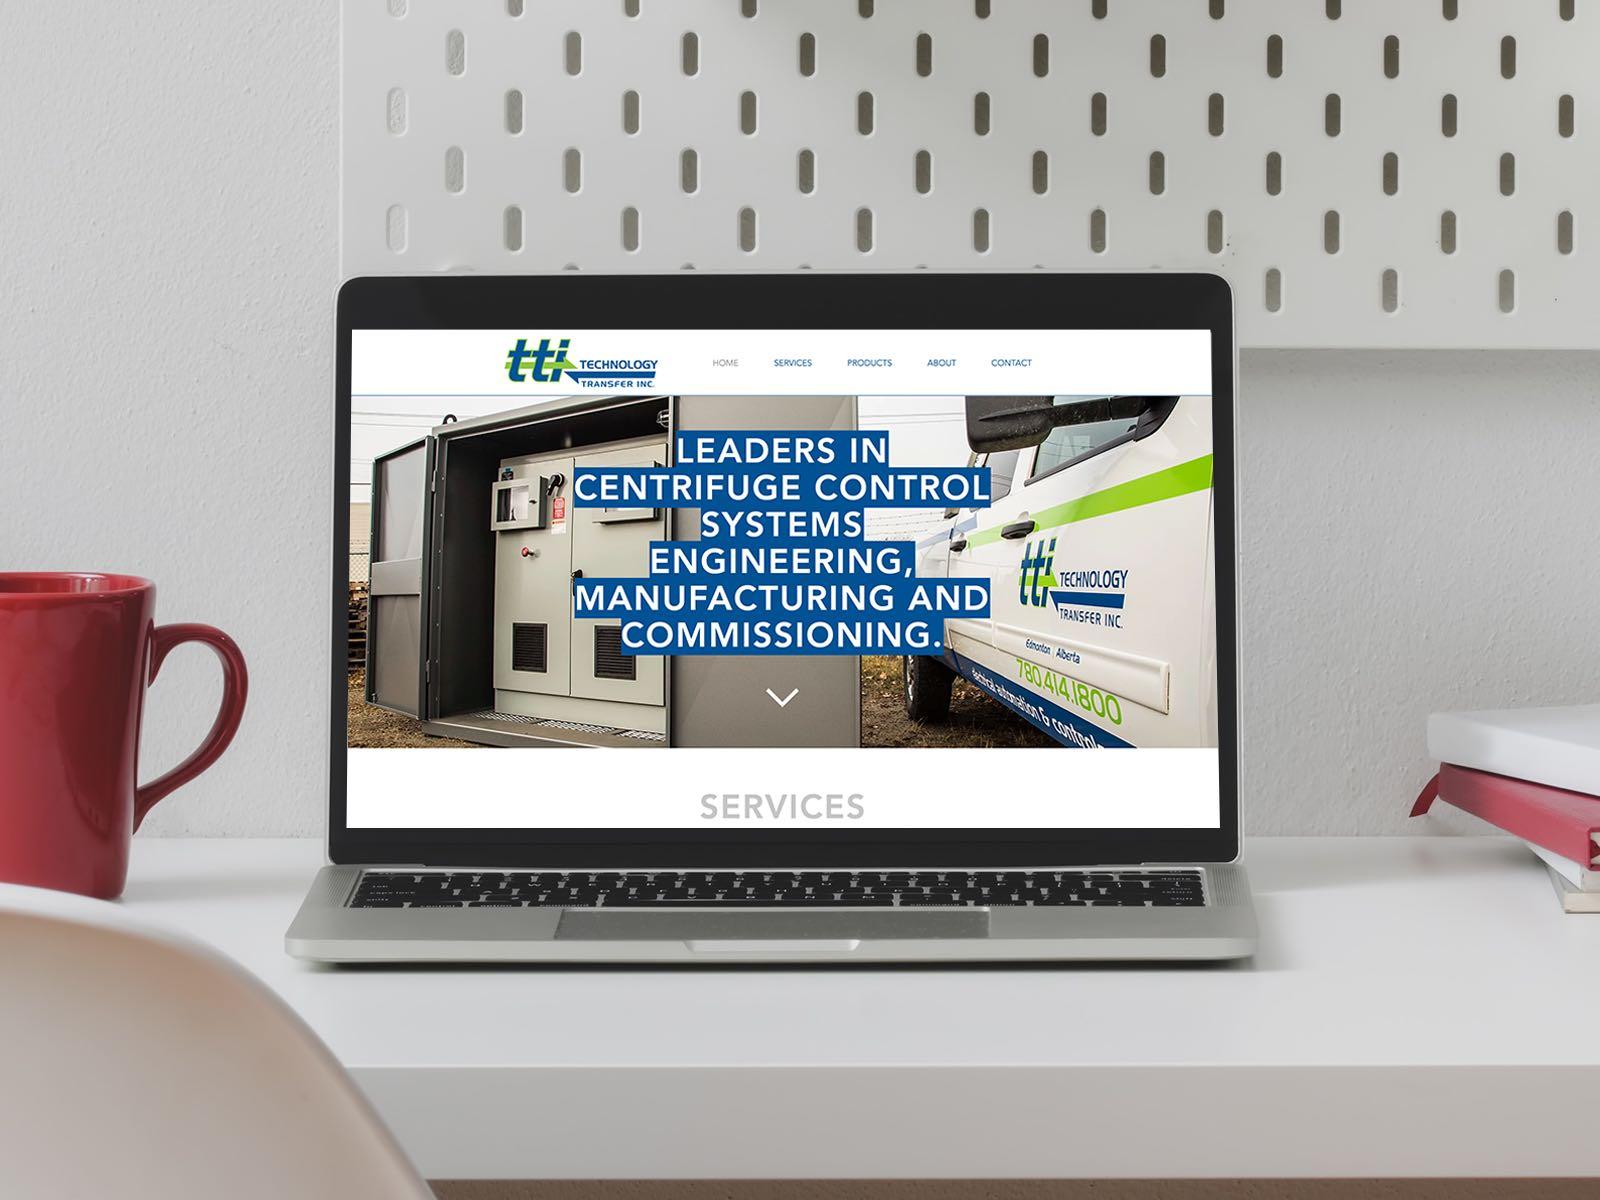 Technology Transfer inc Website on a Laptop